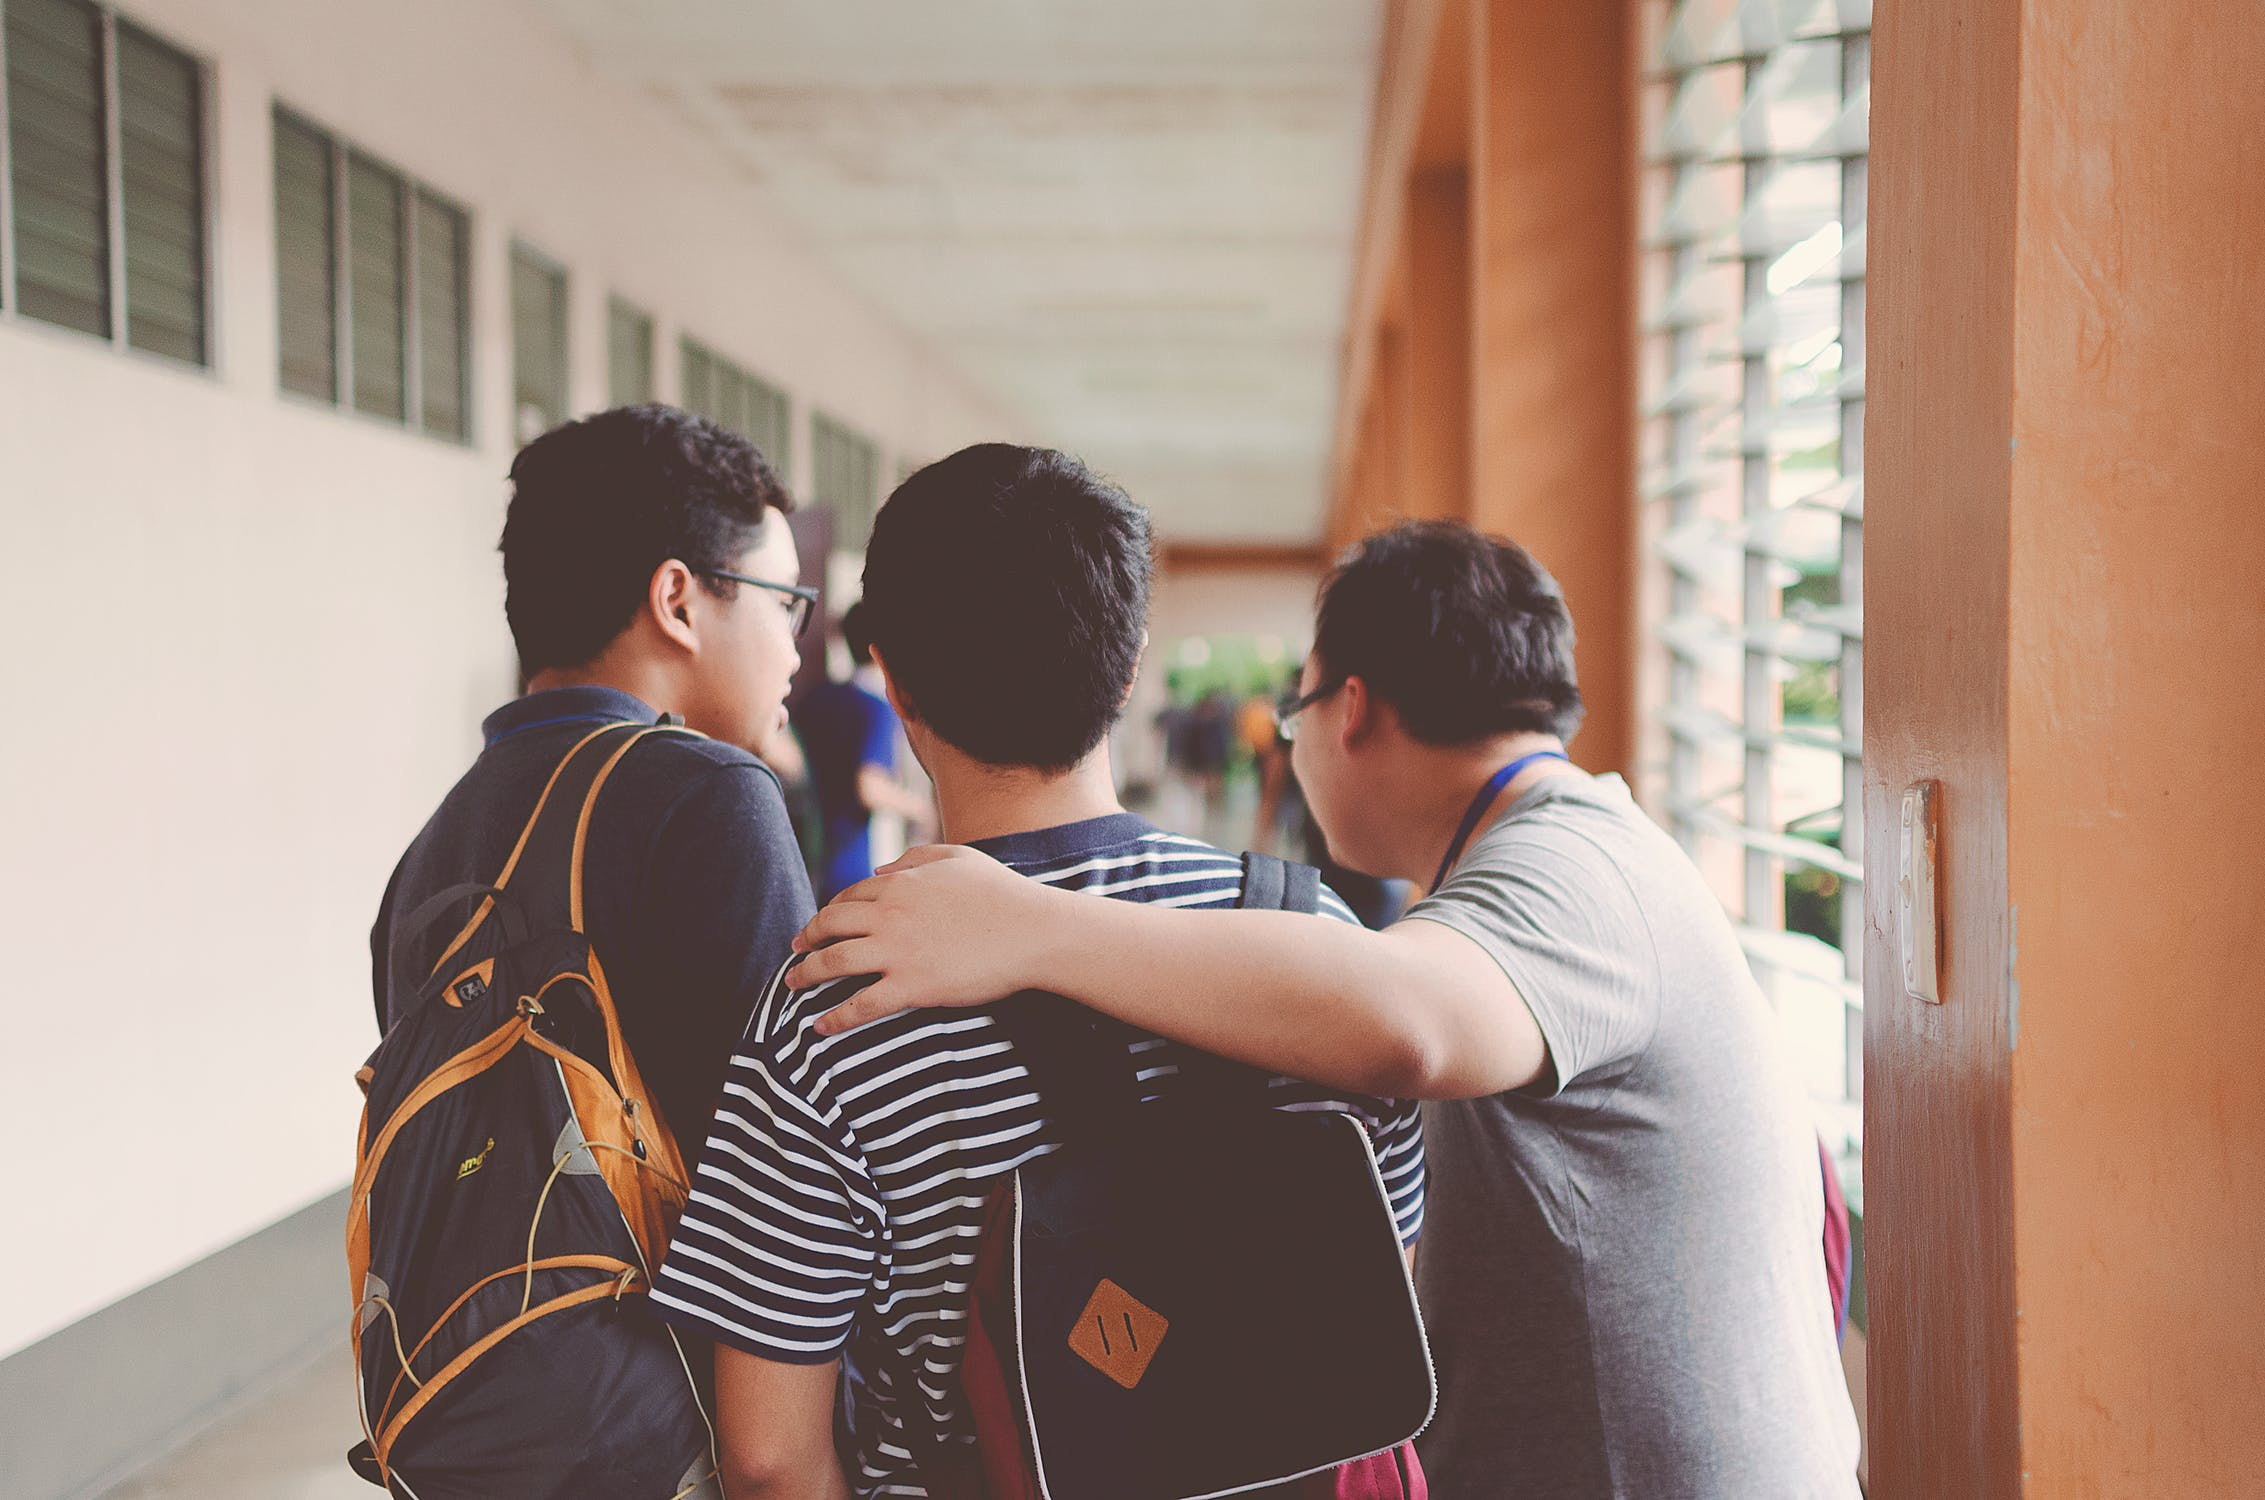 Rentrée scolaire 2020: la bataille des cartables et sacs à dos